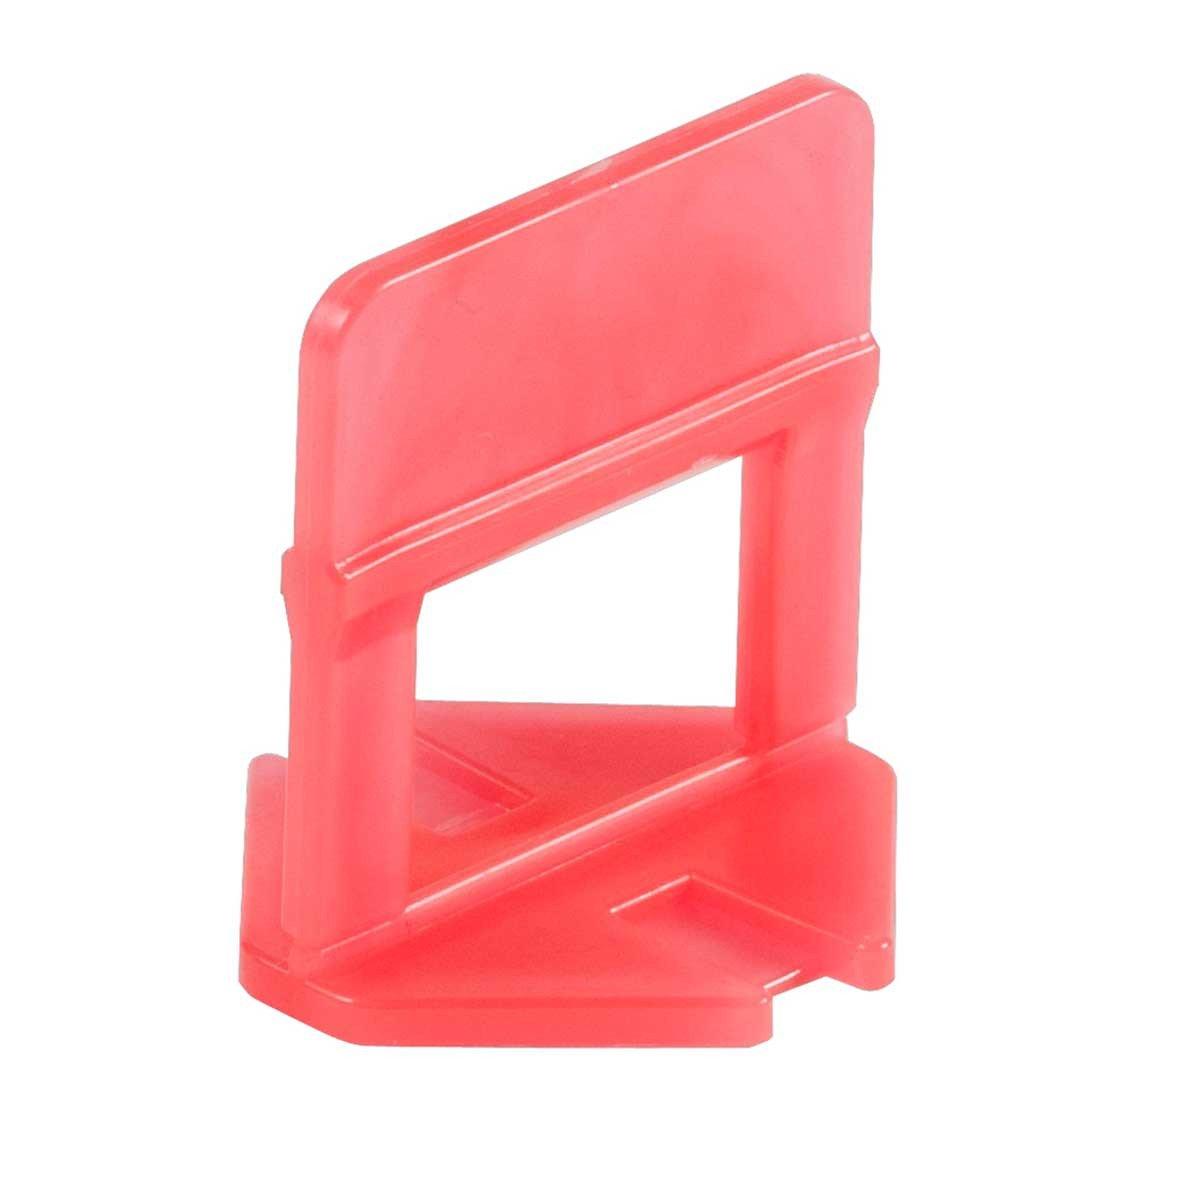 Raimondi 1//8 Red Clip Tile Leveling System 2000 Pcs Clips